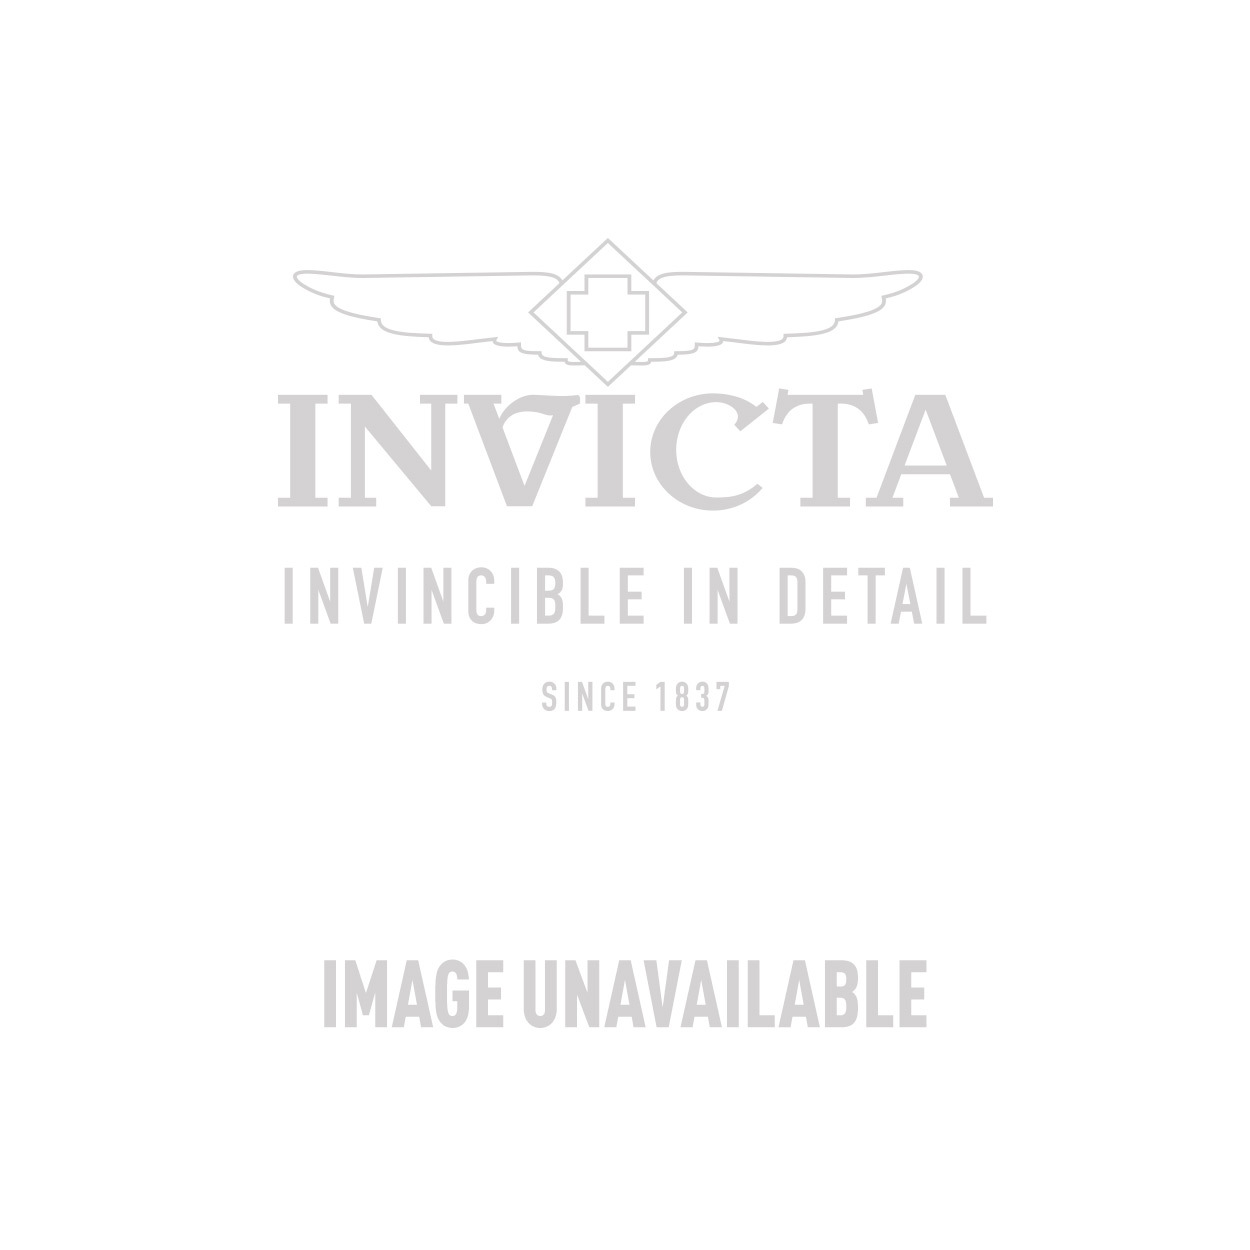 Invicta Model 27214